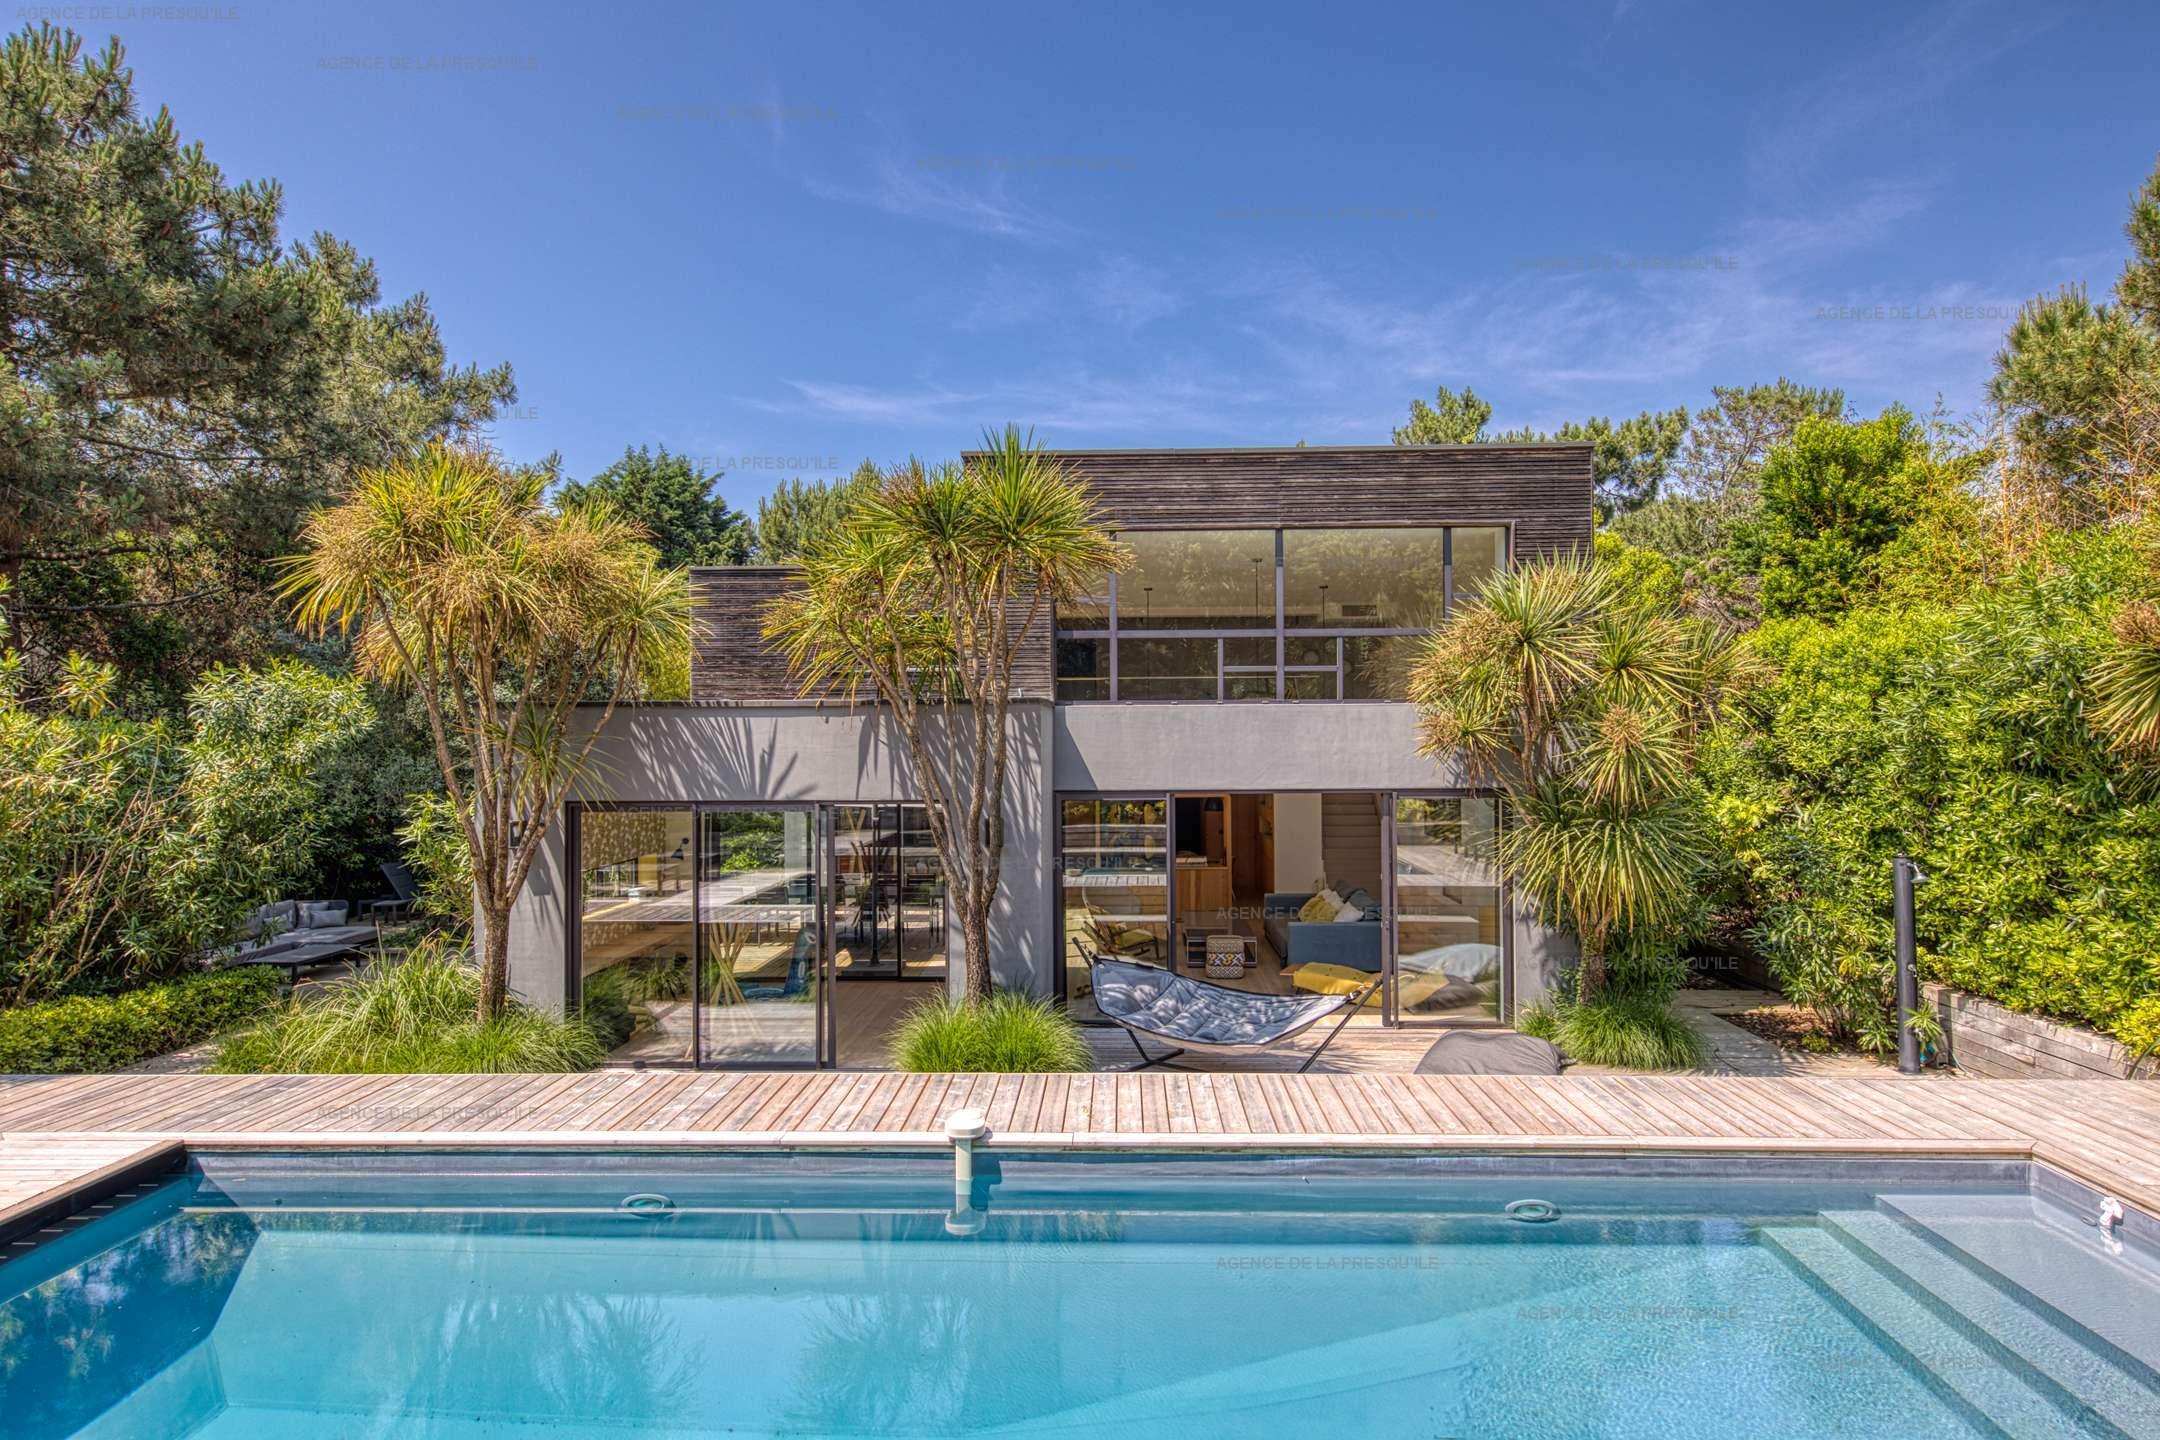 Location: Très belle villa de standing avec piscine 2